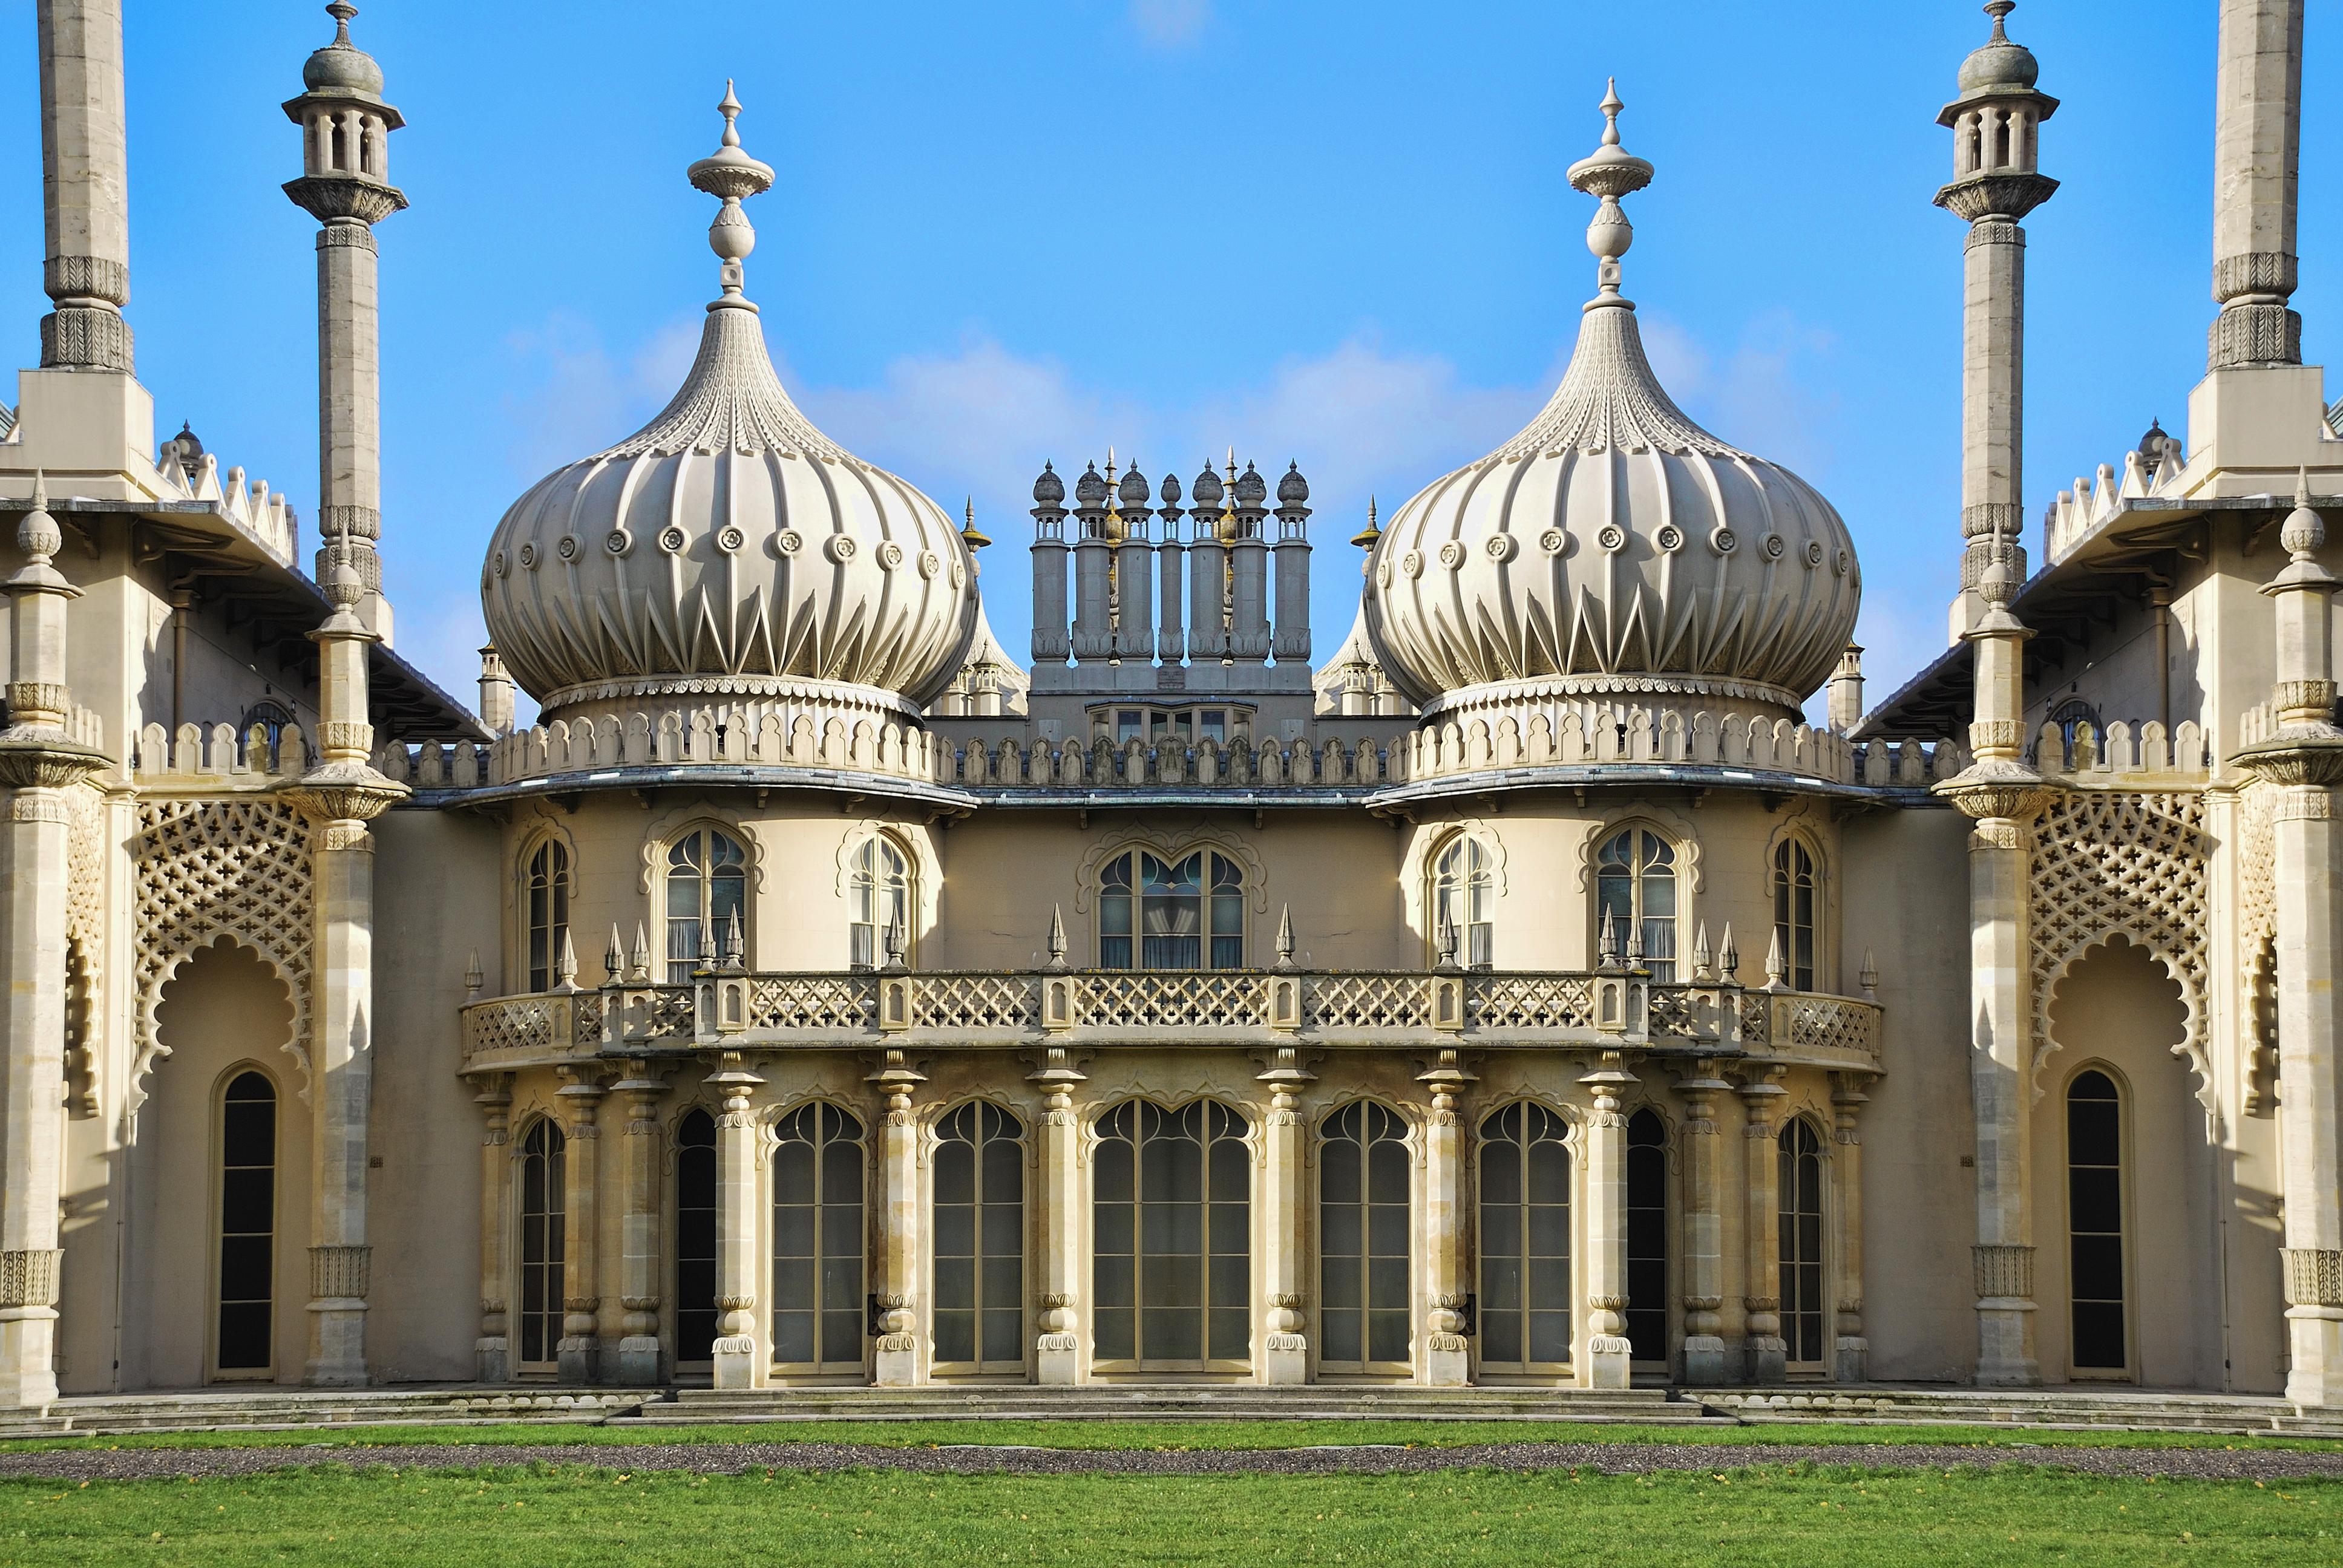 страны архитектура Королевский павильон Брайтон  № 2580584 загрузить